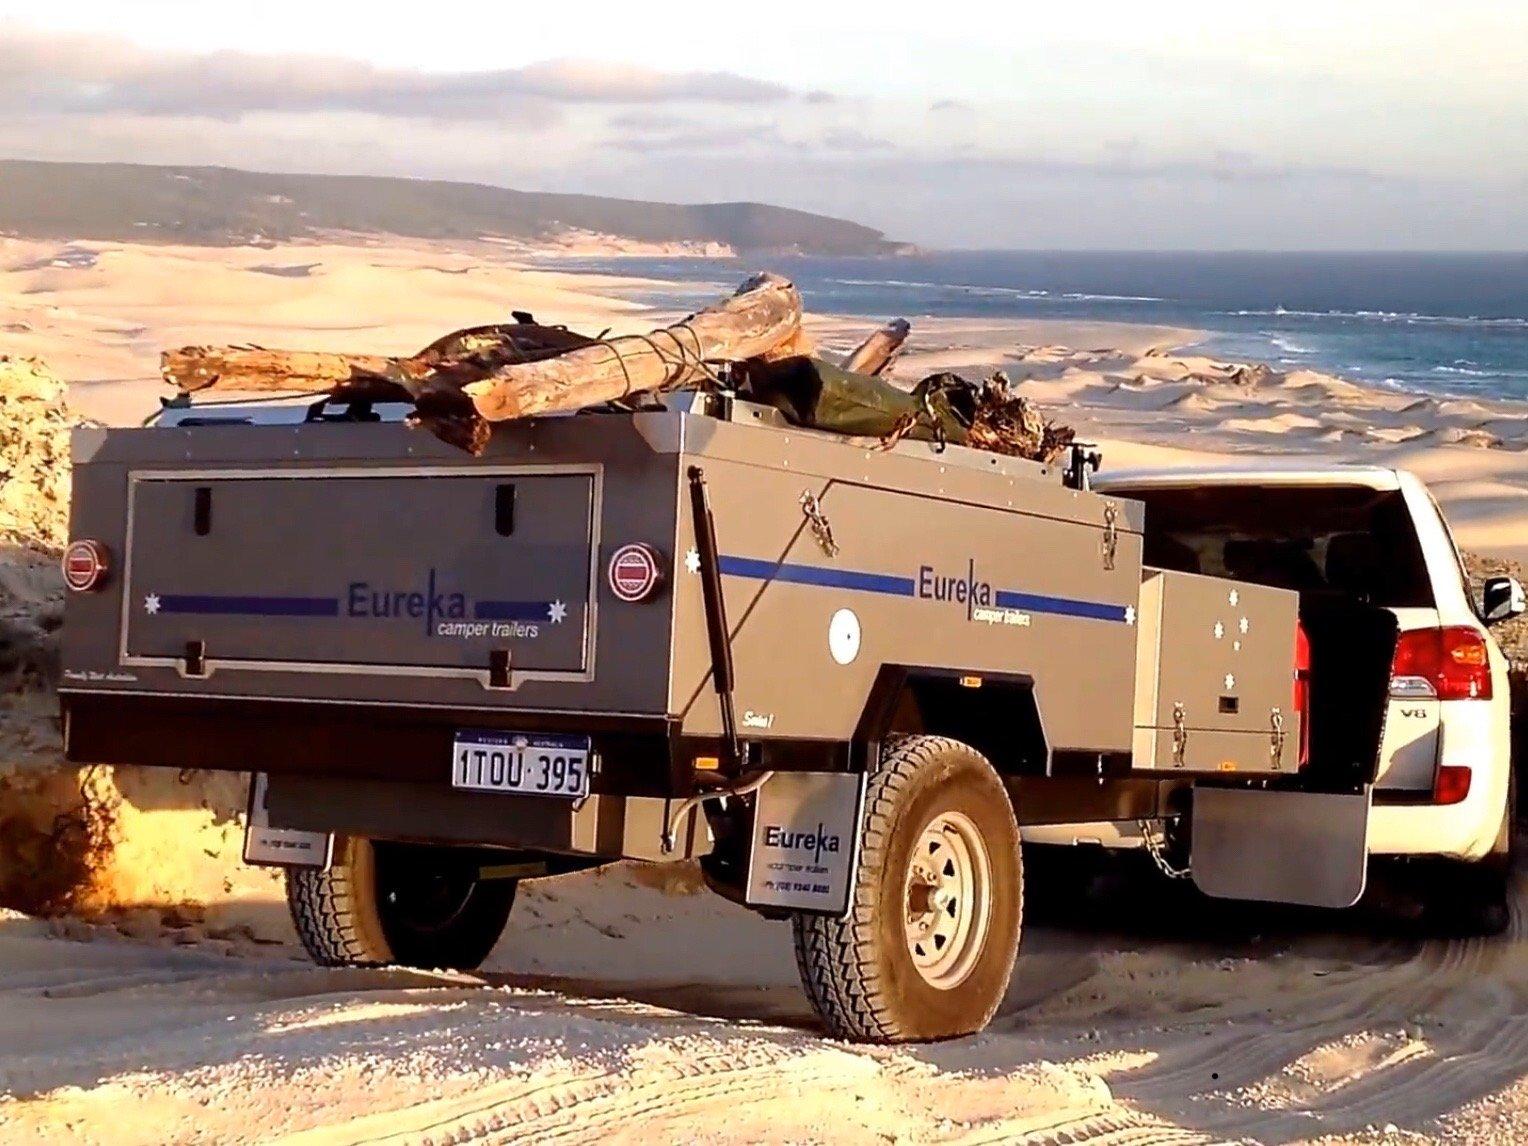 Eureka Offroad Camper Trailer - Explore Western Australia